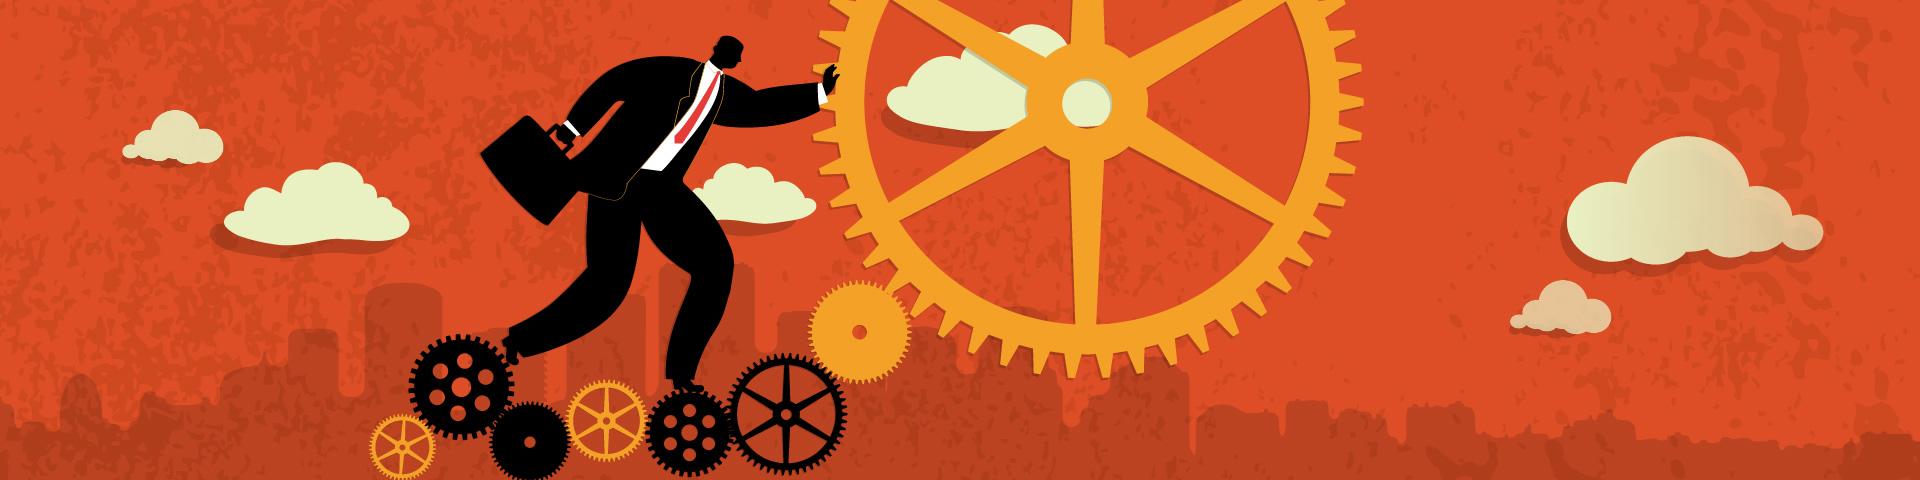 The Basics of Email Marketing Automation - Image 1